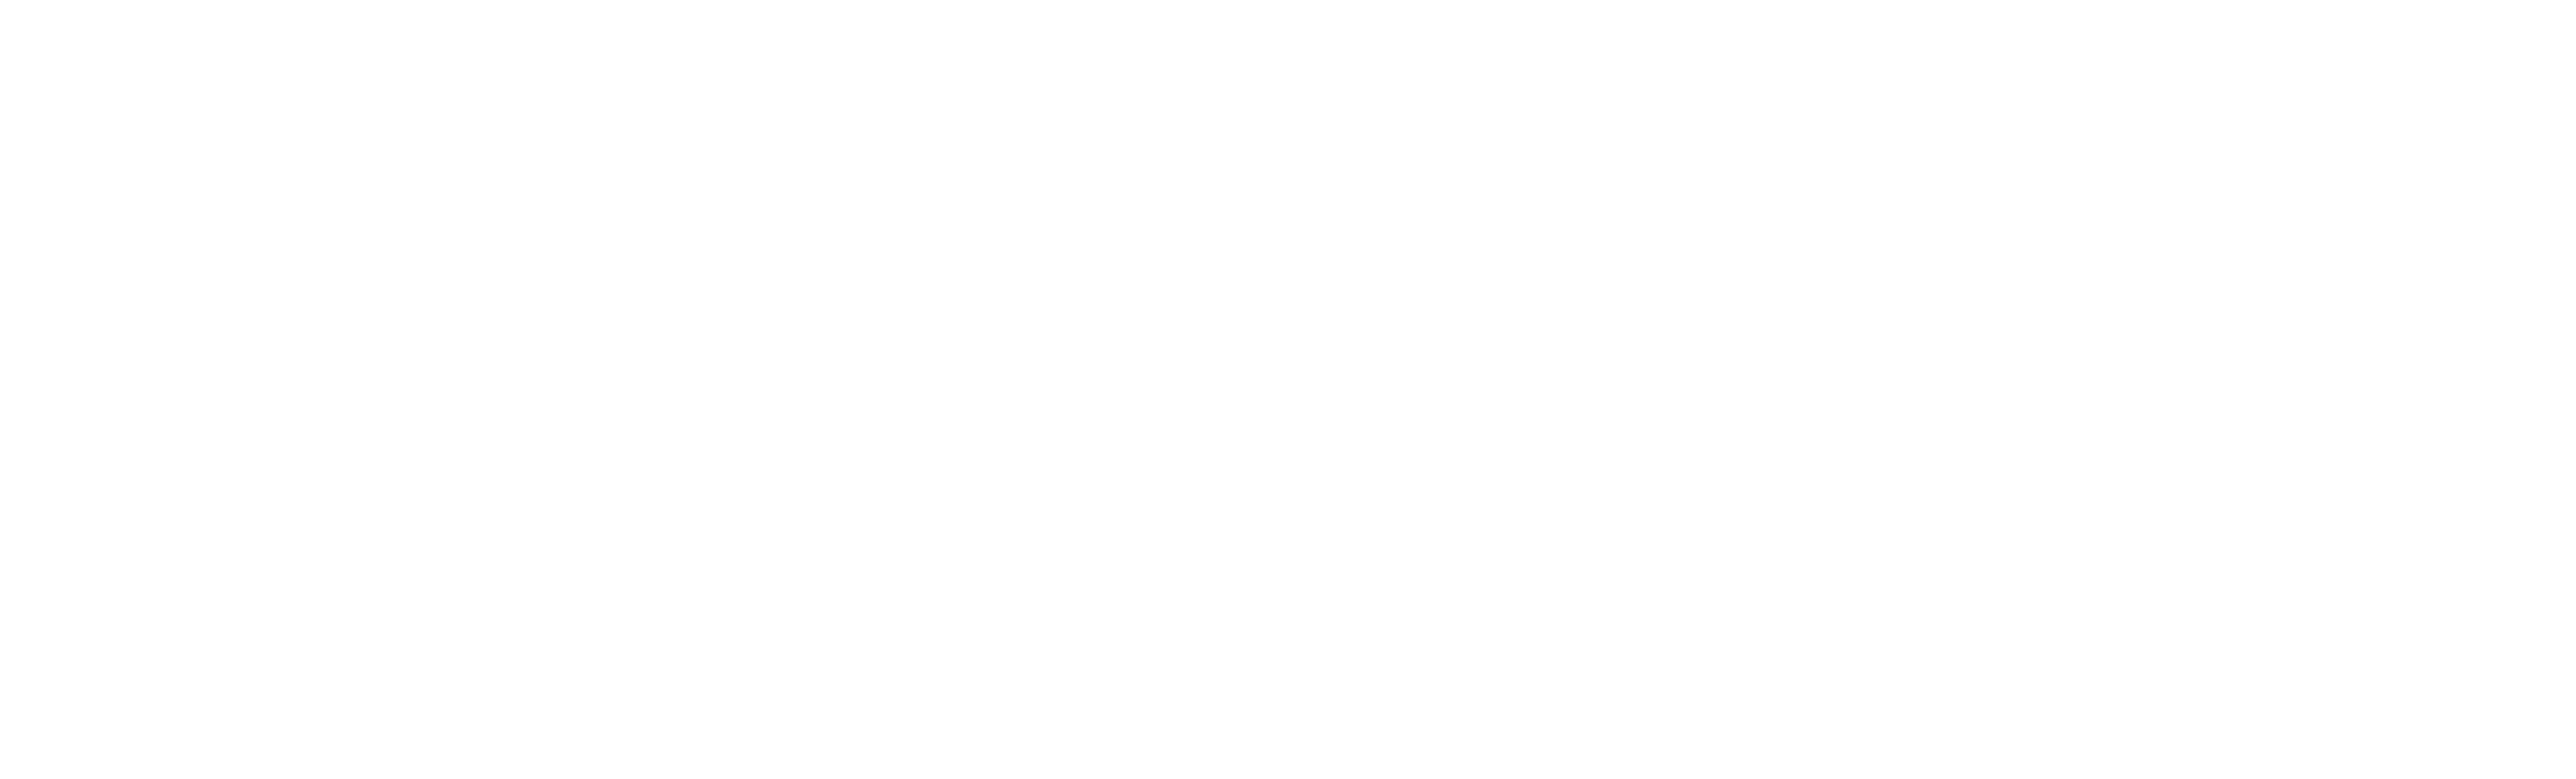 steellab-logo-white